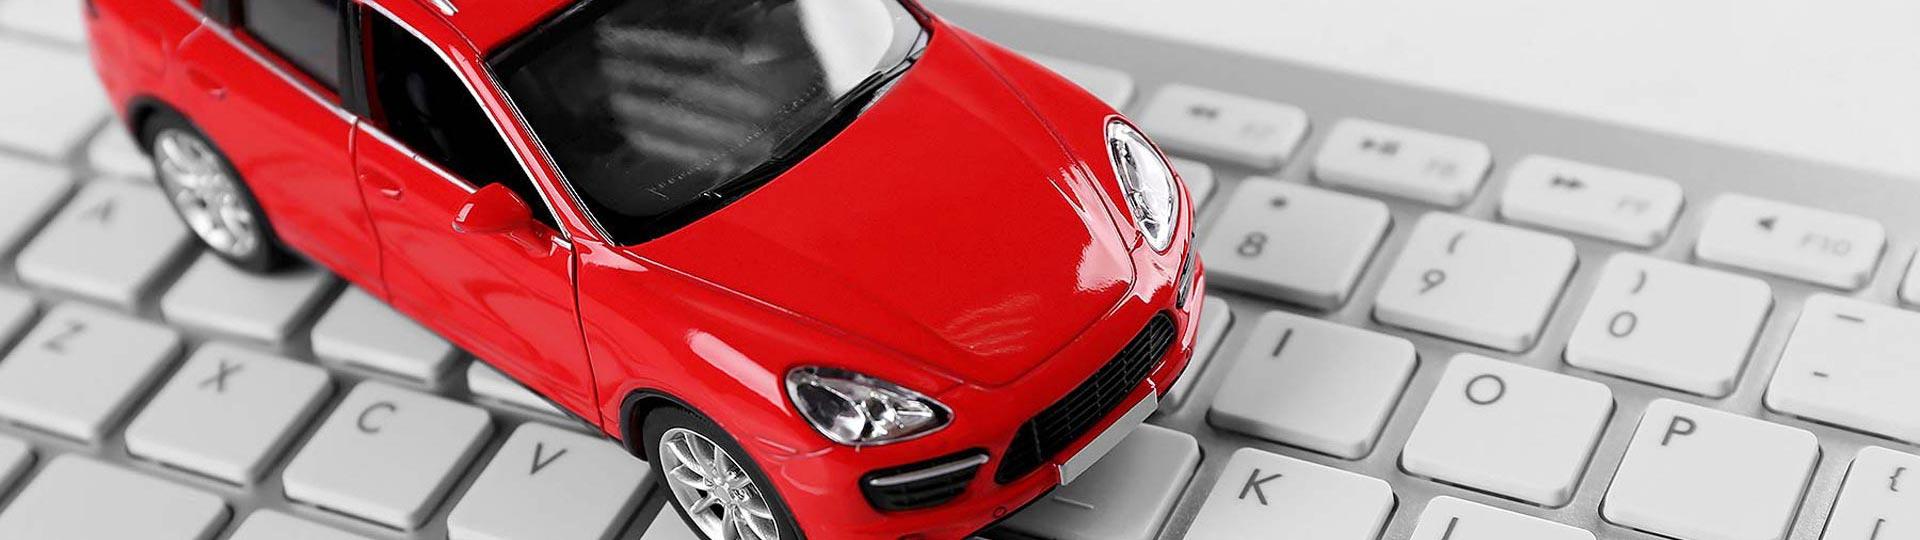 Online каталог со сите возила